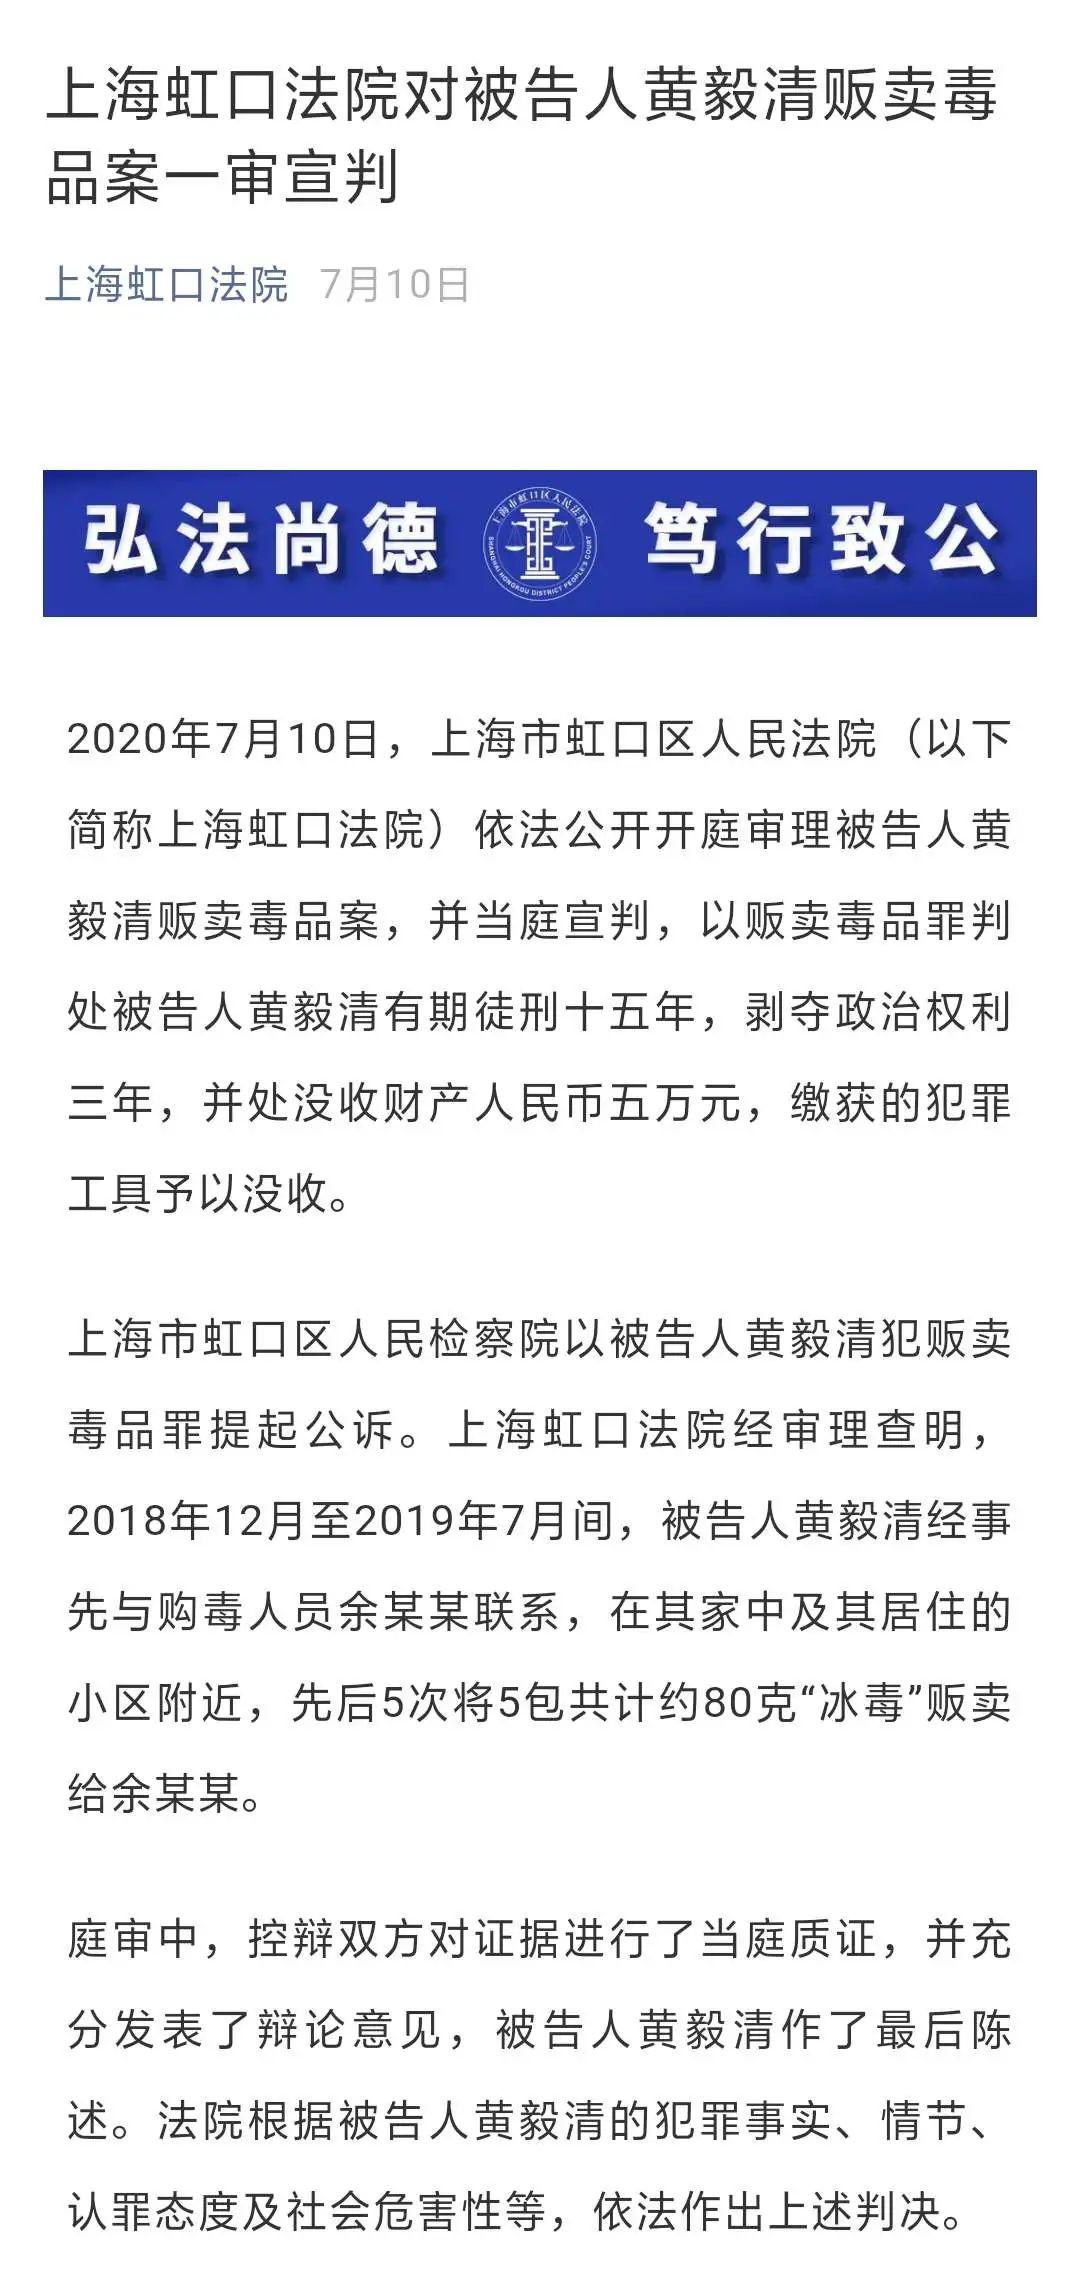 上海二中院受理黄毅清上诉案,一审因贩卖毒品被判15年